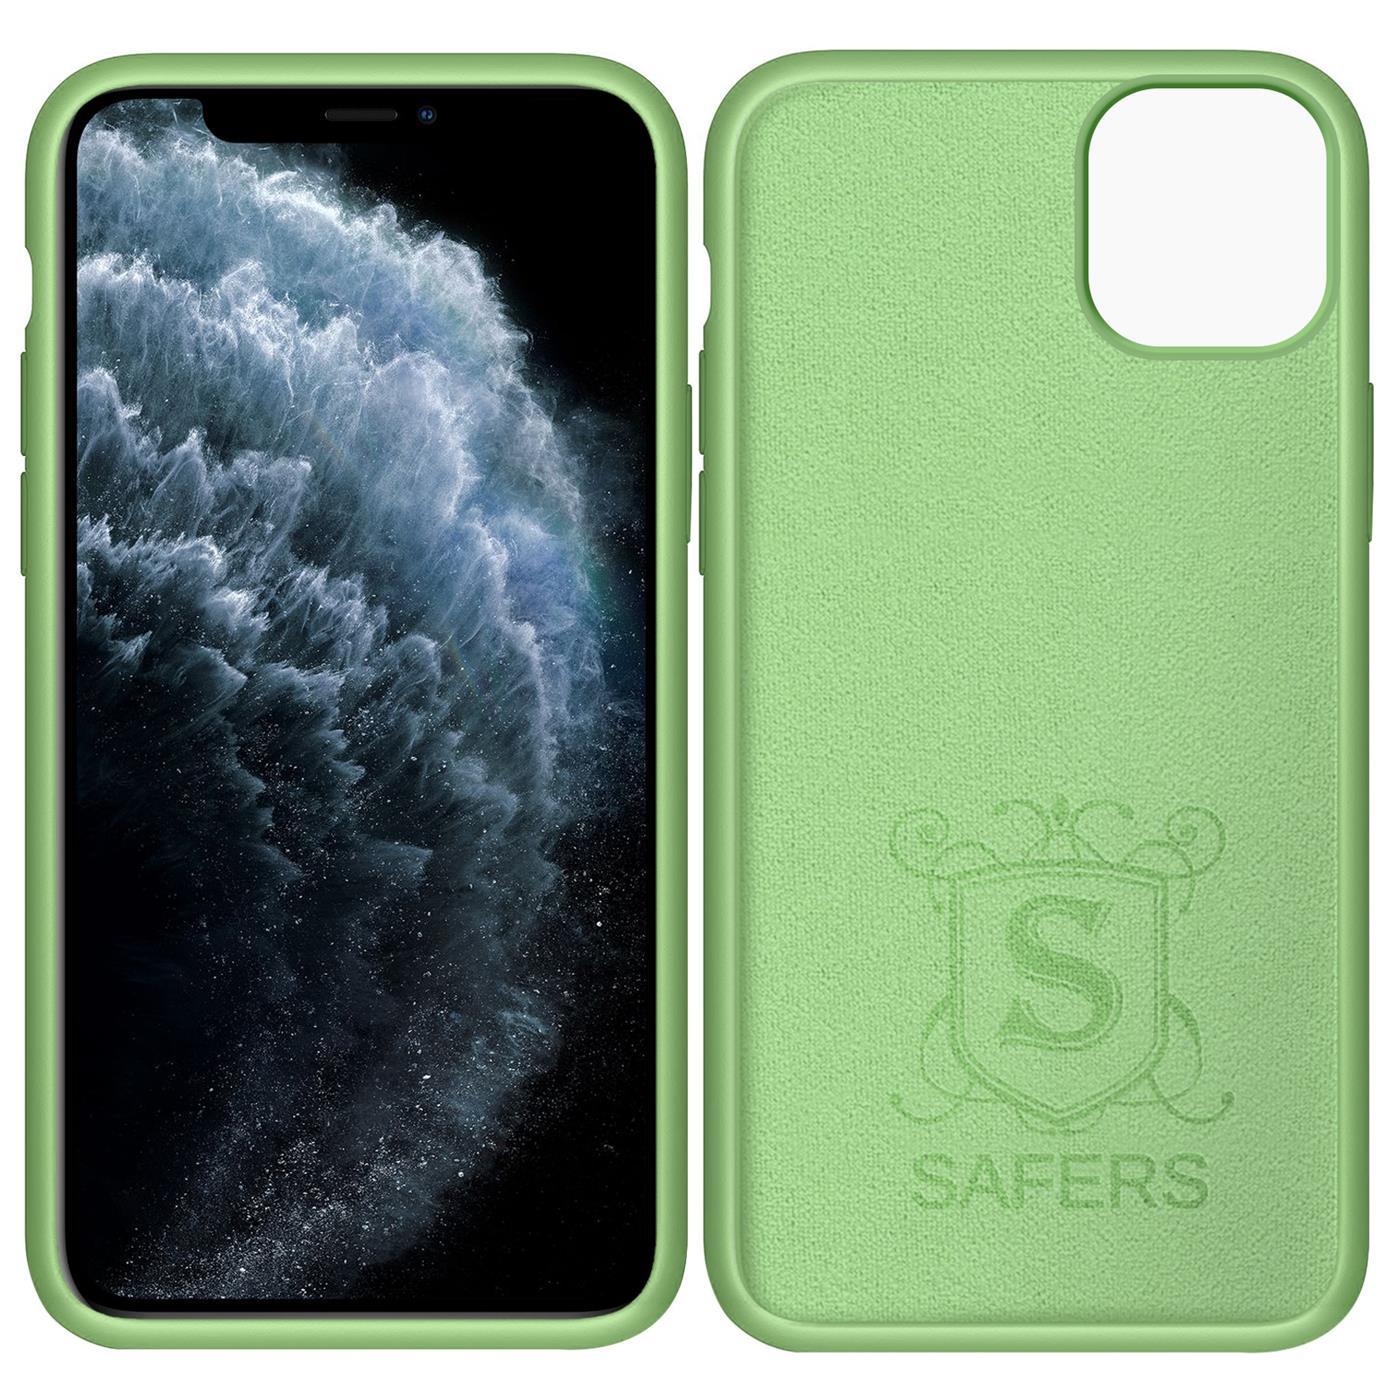 Silikon-Huelle-Schutzhuelle-Handy-Tasche-Handyhuelle-Slim-Case-Cover-Duenn-matt-Etui Indexbild 21